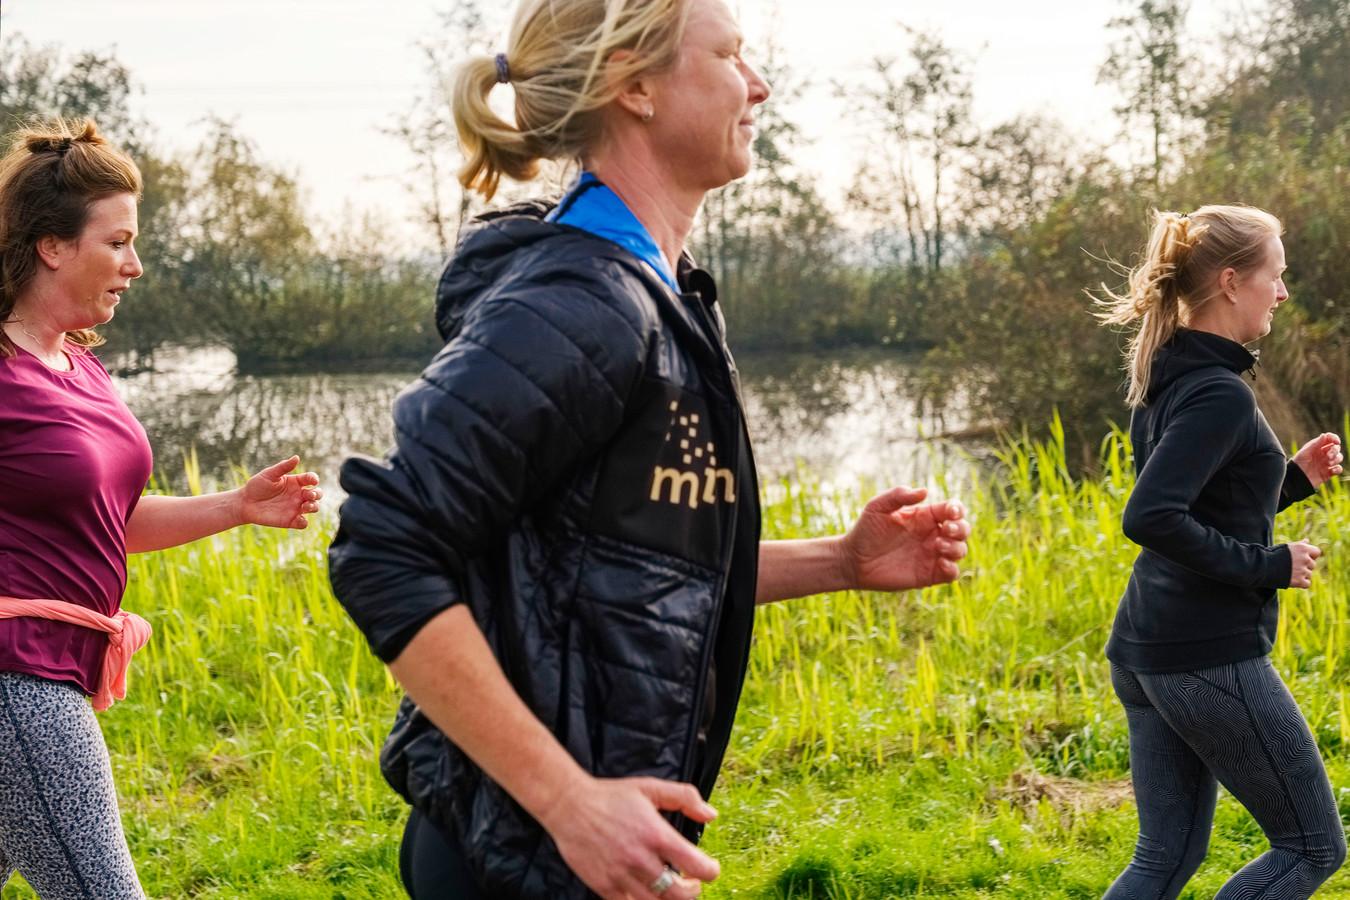 Van links naar rechts verslaggever Ellen van Leeuwen (35), coach Nicole Schouten (48) en Pascalle Stalvoord (34) tijdens een Mindful Run.